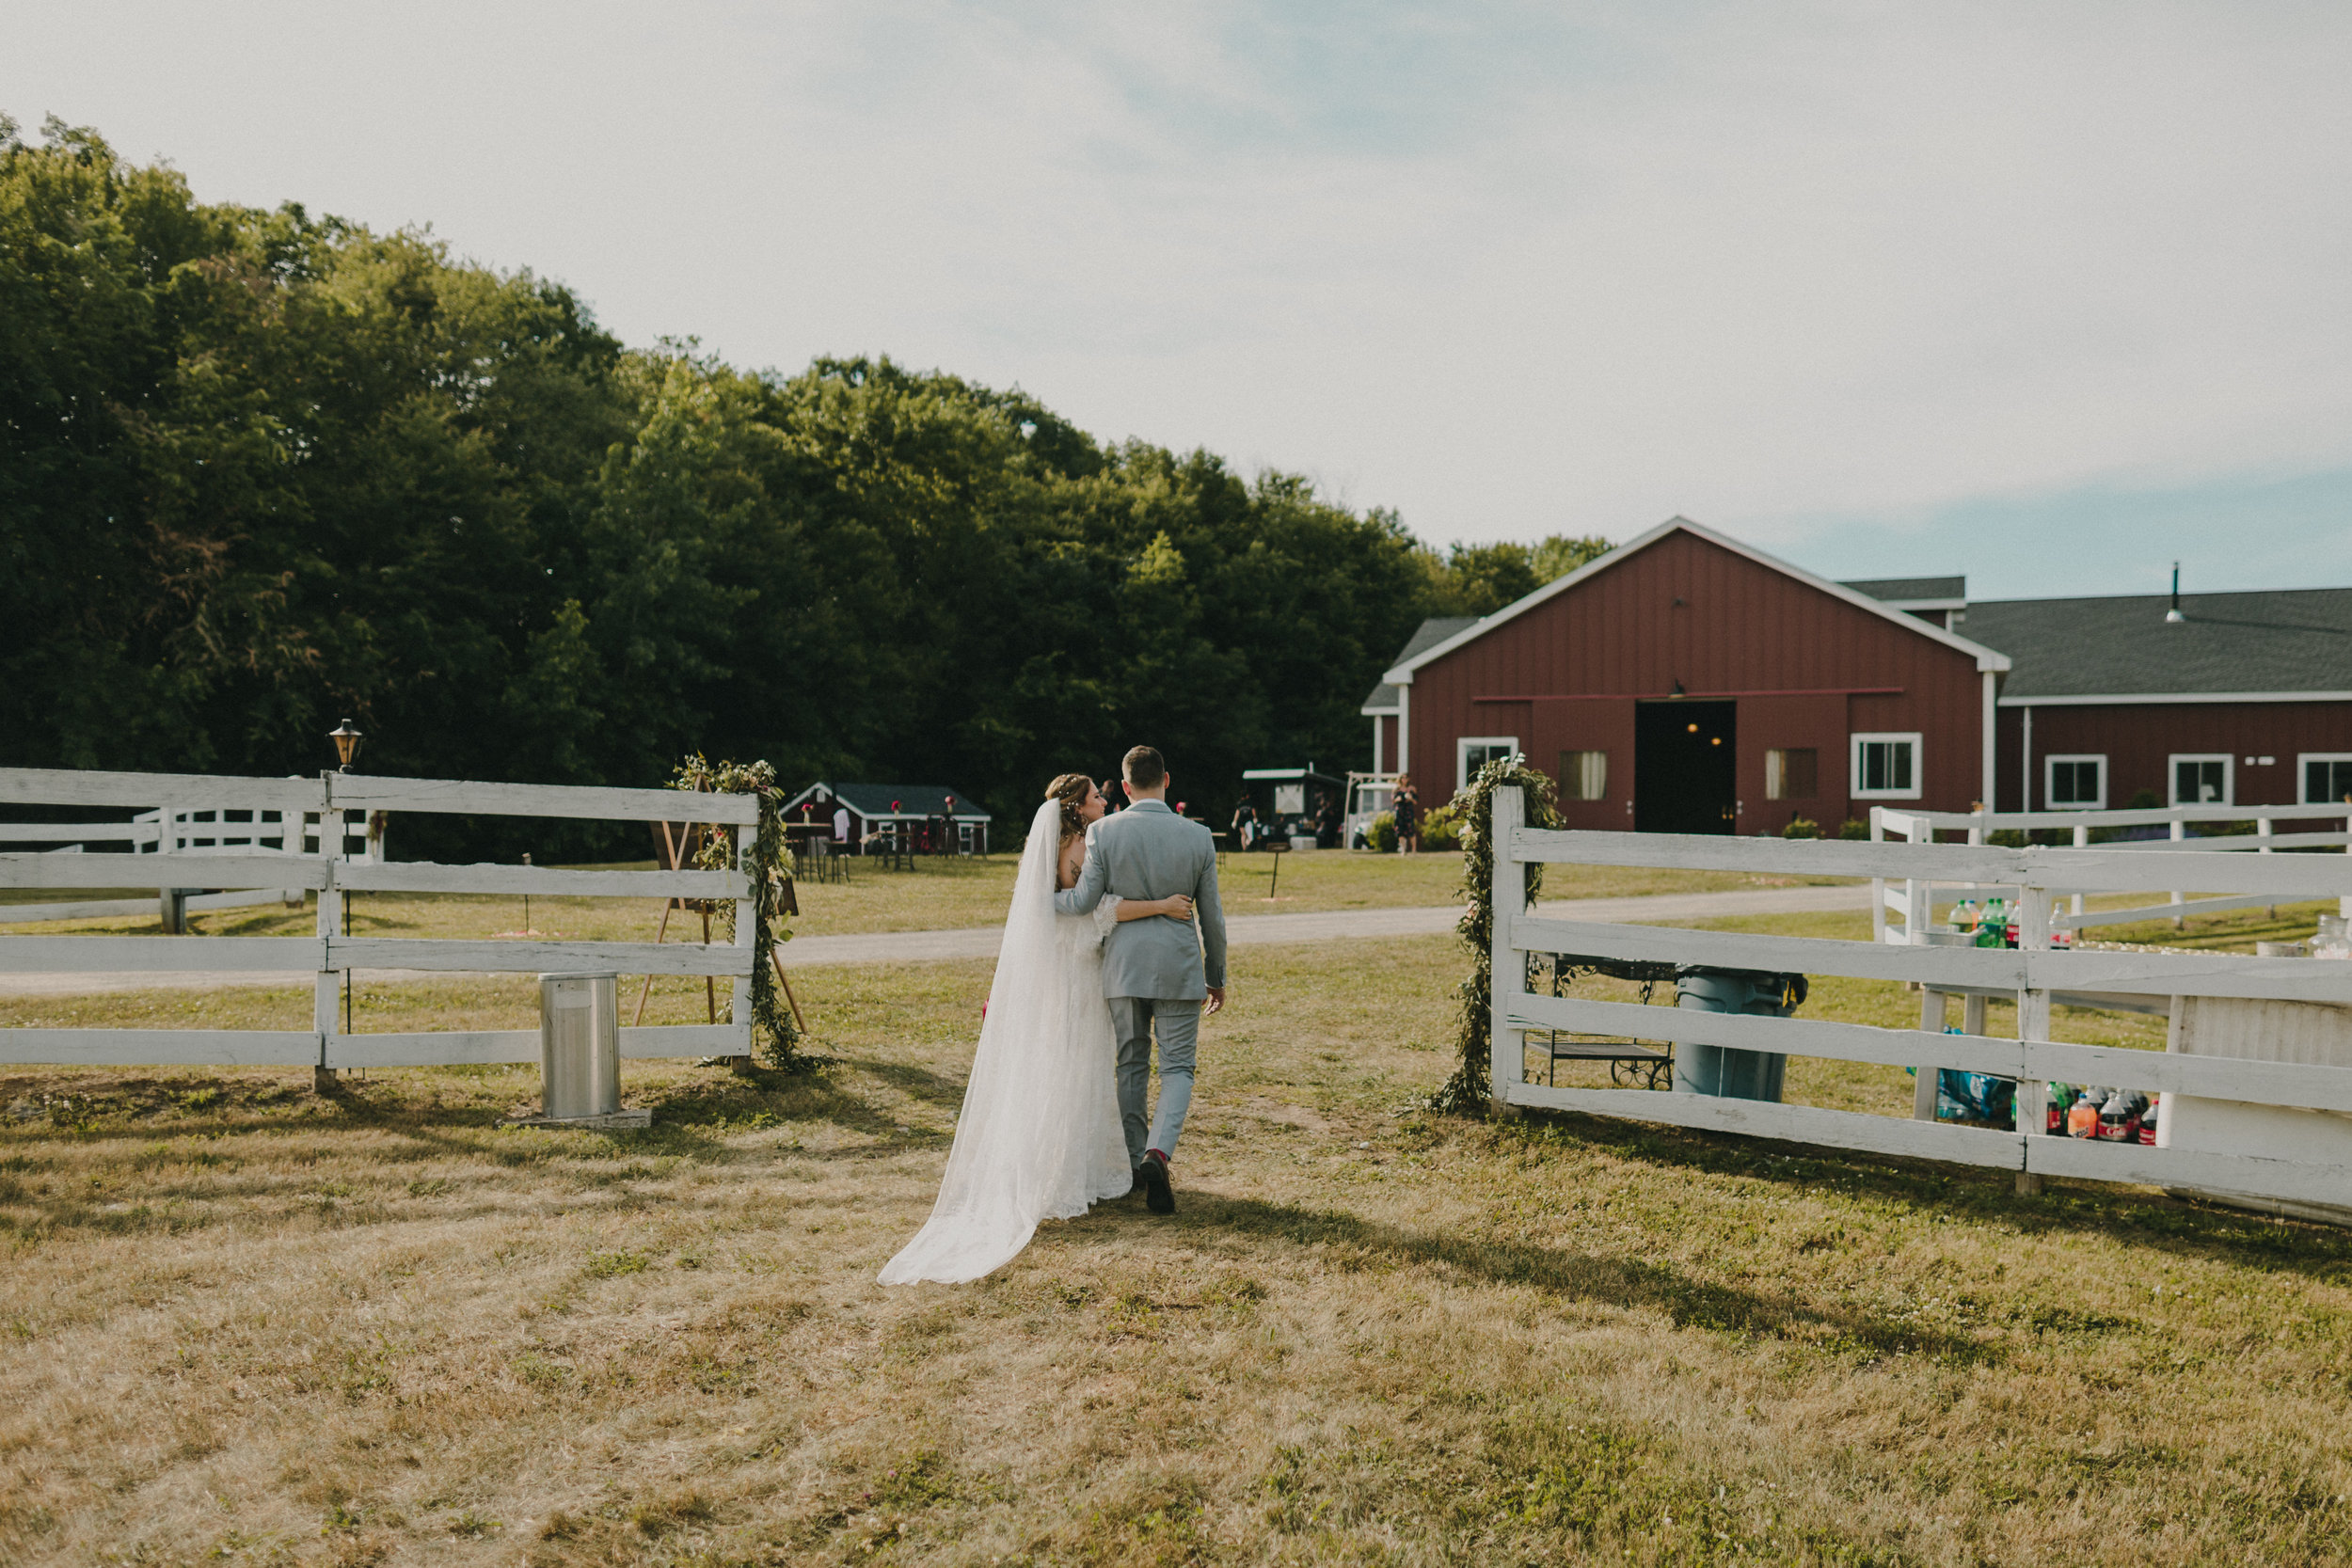 1106-20180616-Amanda_Brett_Catskills_Summer_Boho_Wedding.jpg